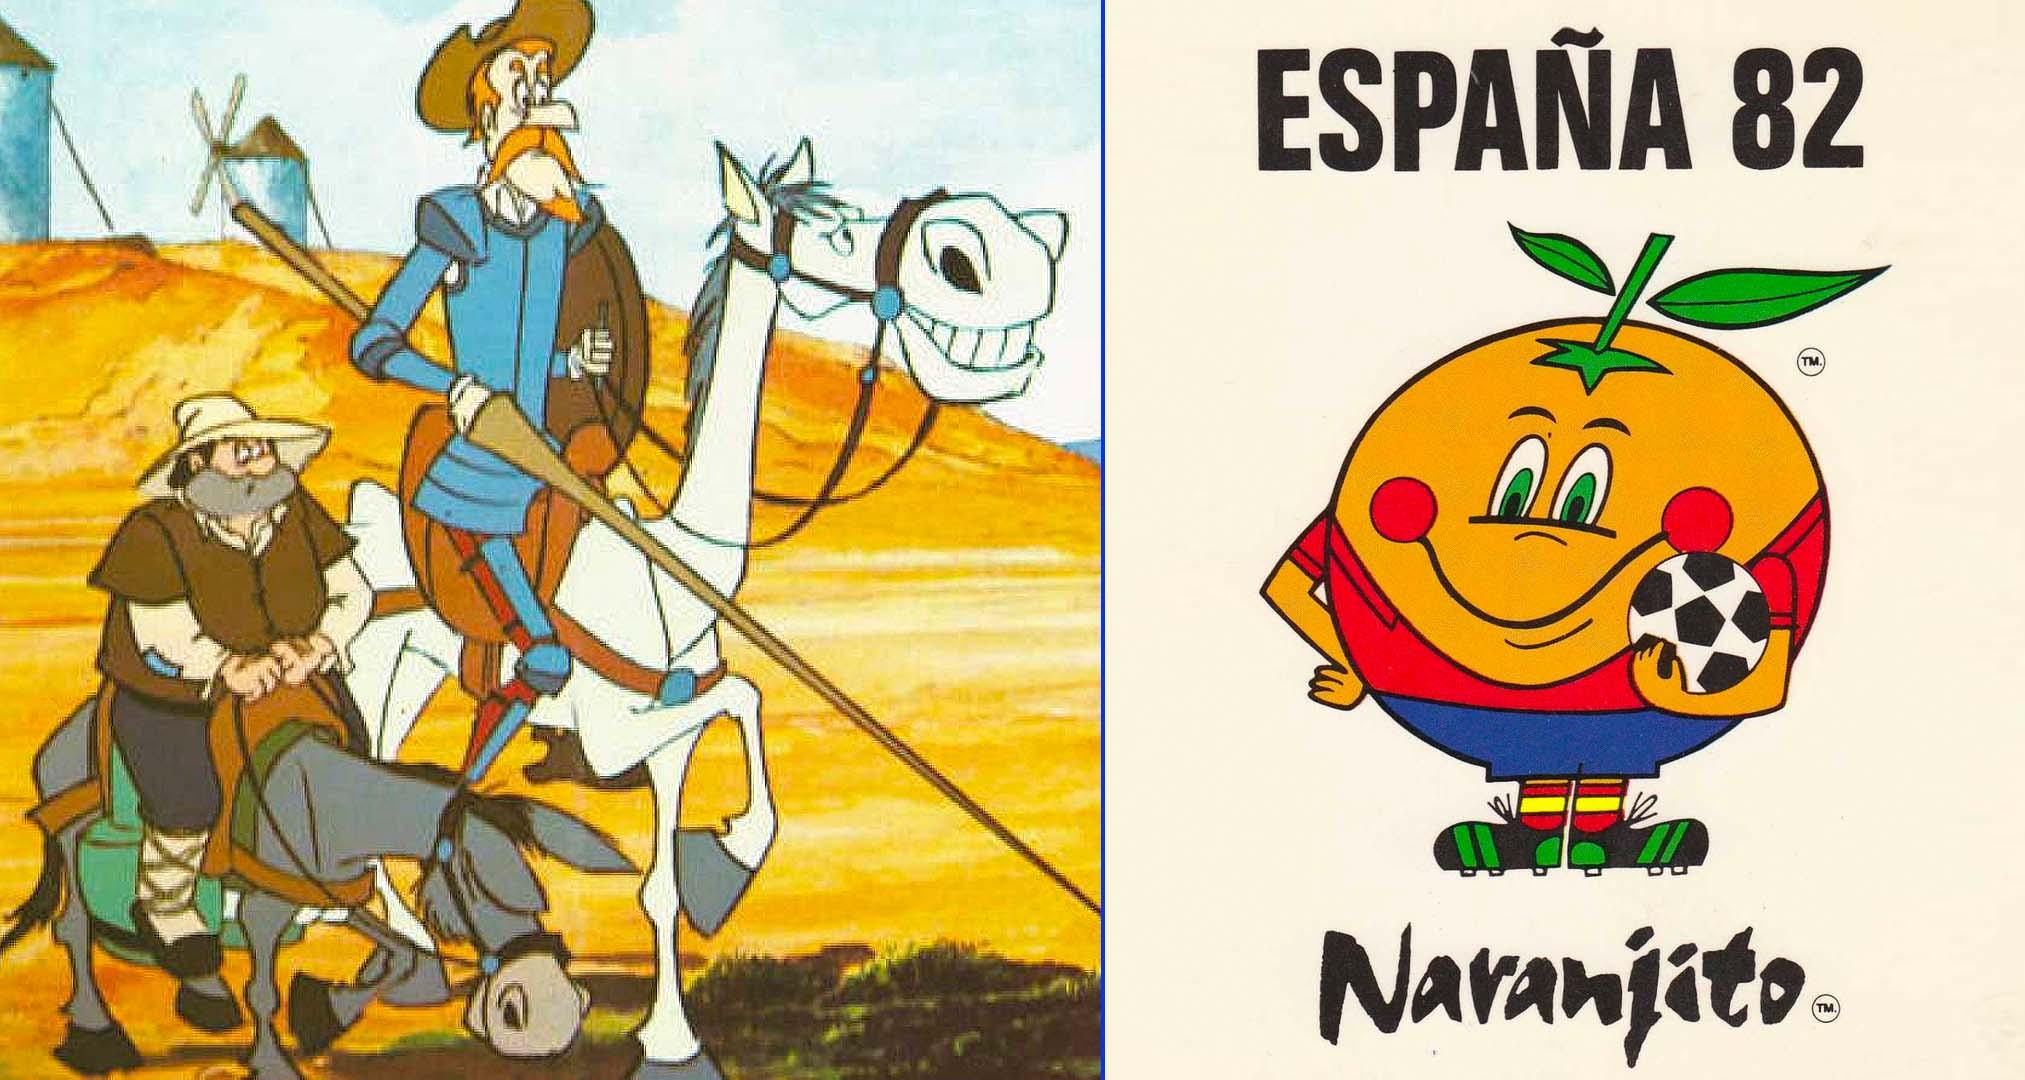 Fotograma de la serie de animación de TVE Don Quijote de la Mancha y Naranjito